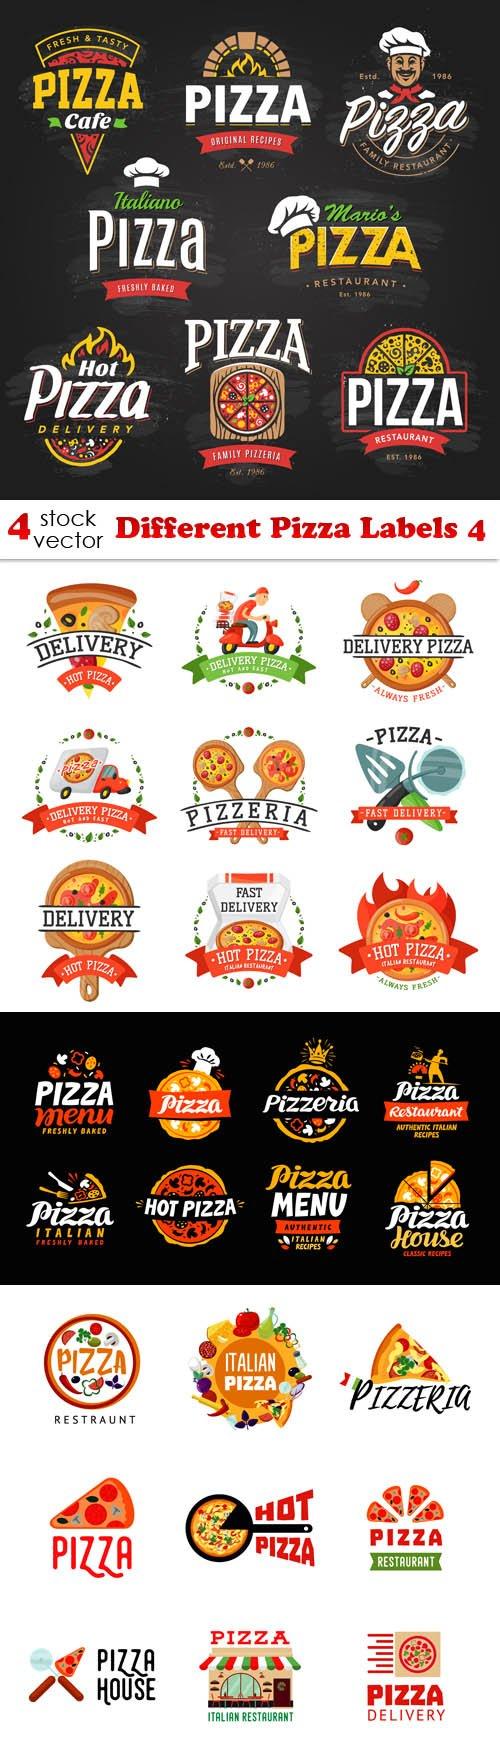 Vectors - Different Pizza Labels 4